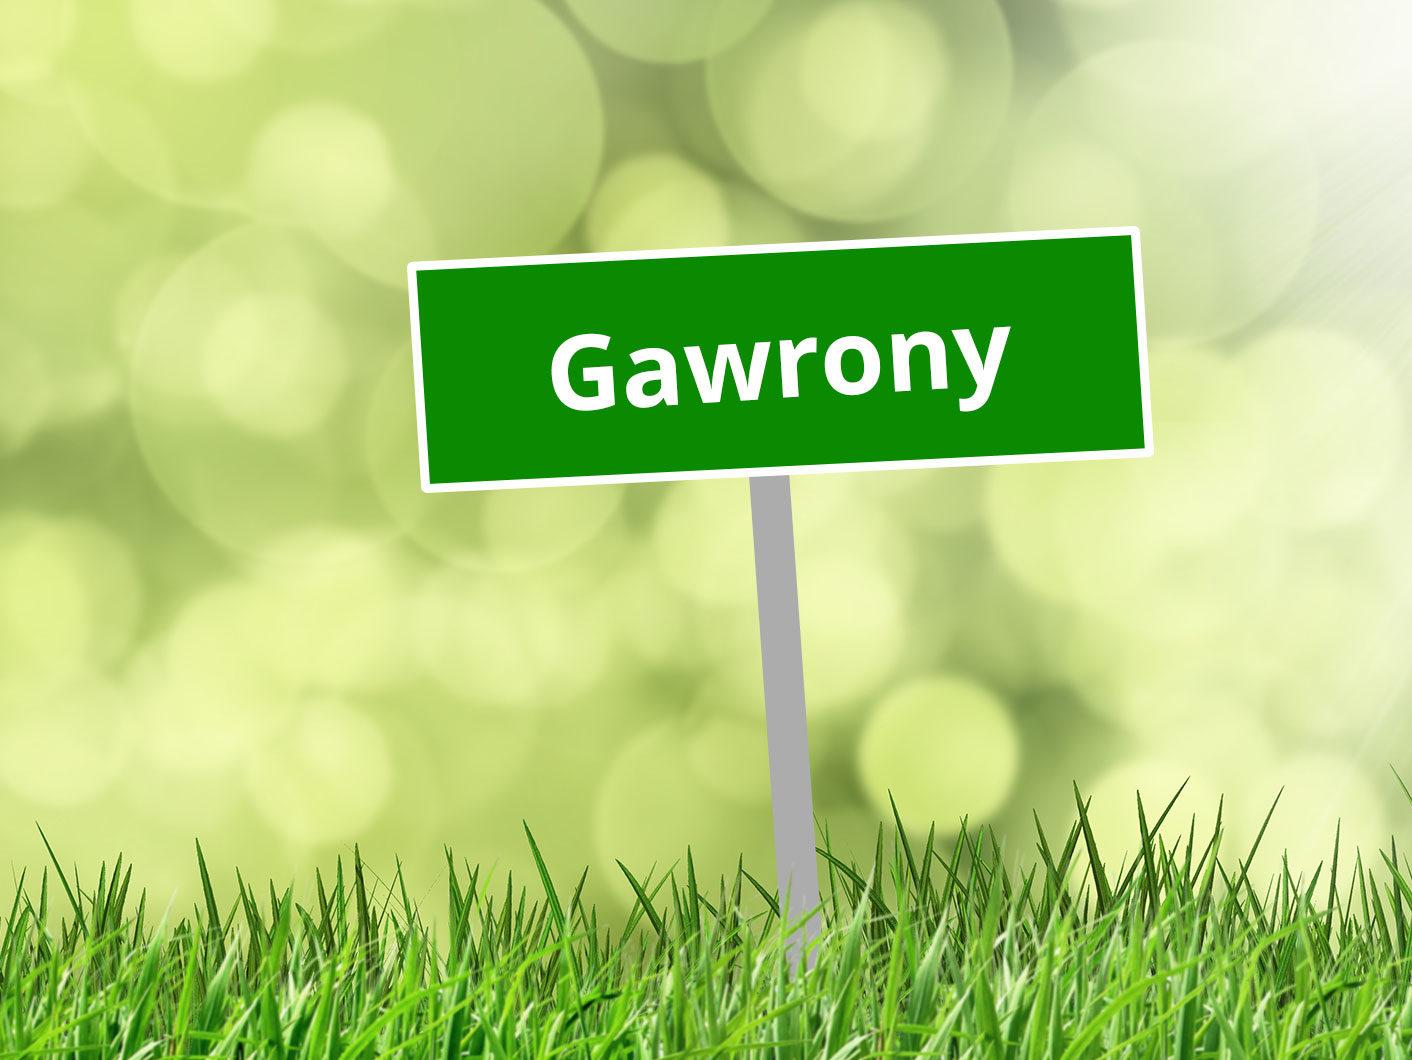 Sołectwo Gawrony